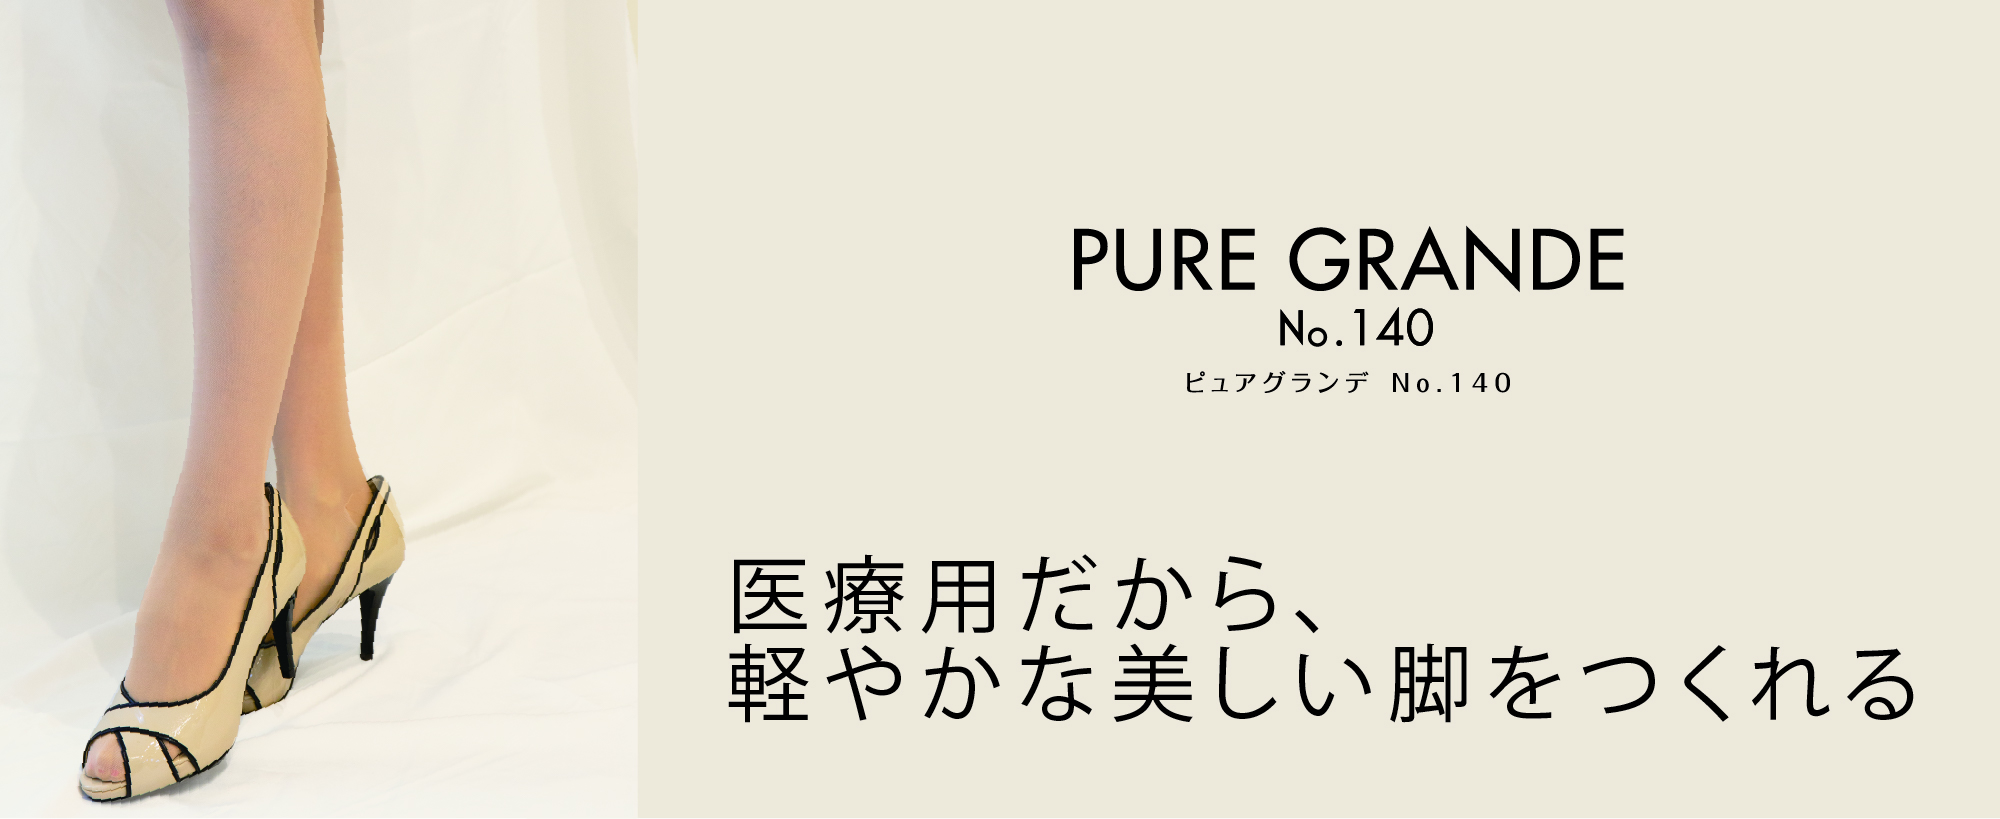 ピュアグランデ No.140